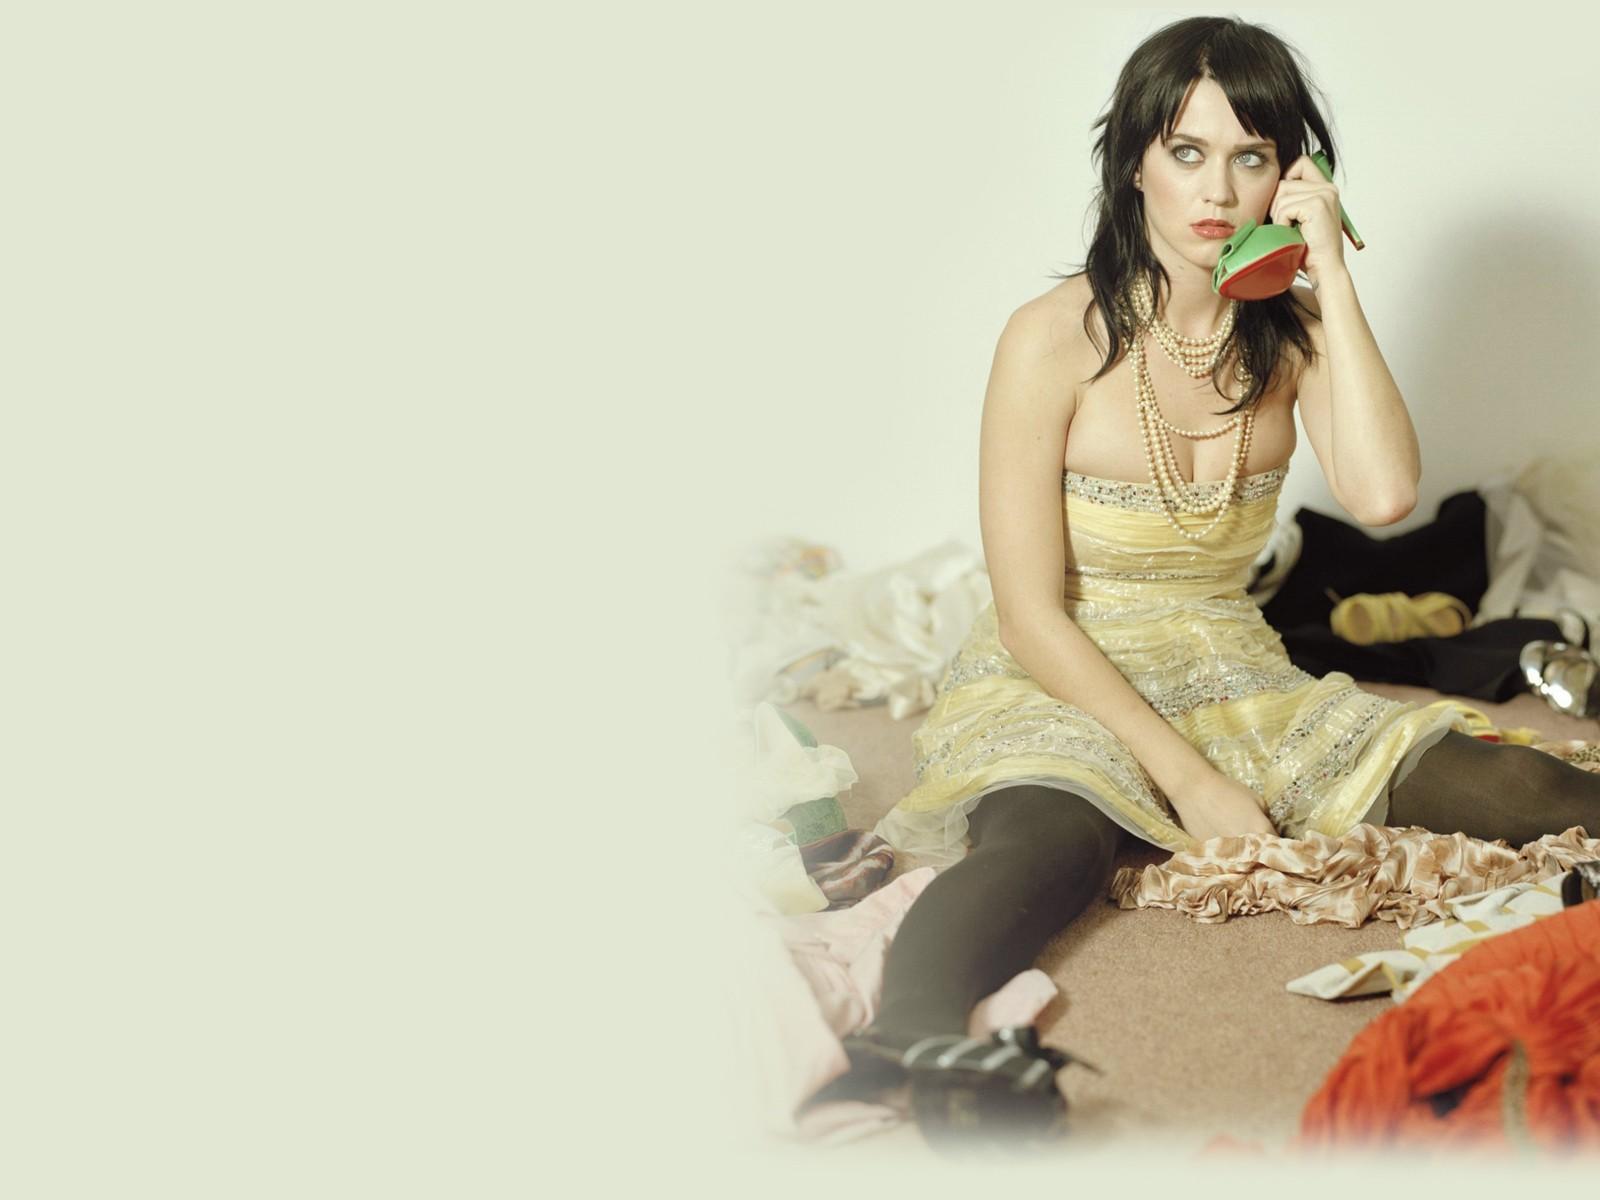 Un wallpaper di Katy Perry